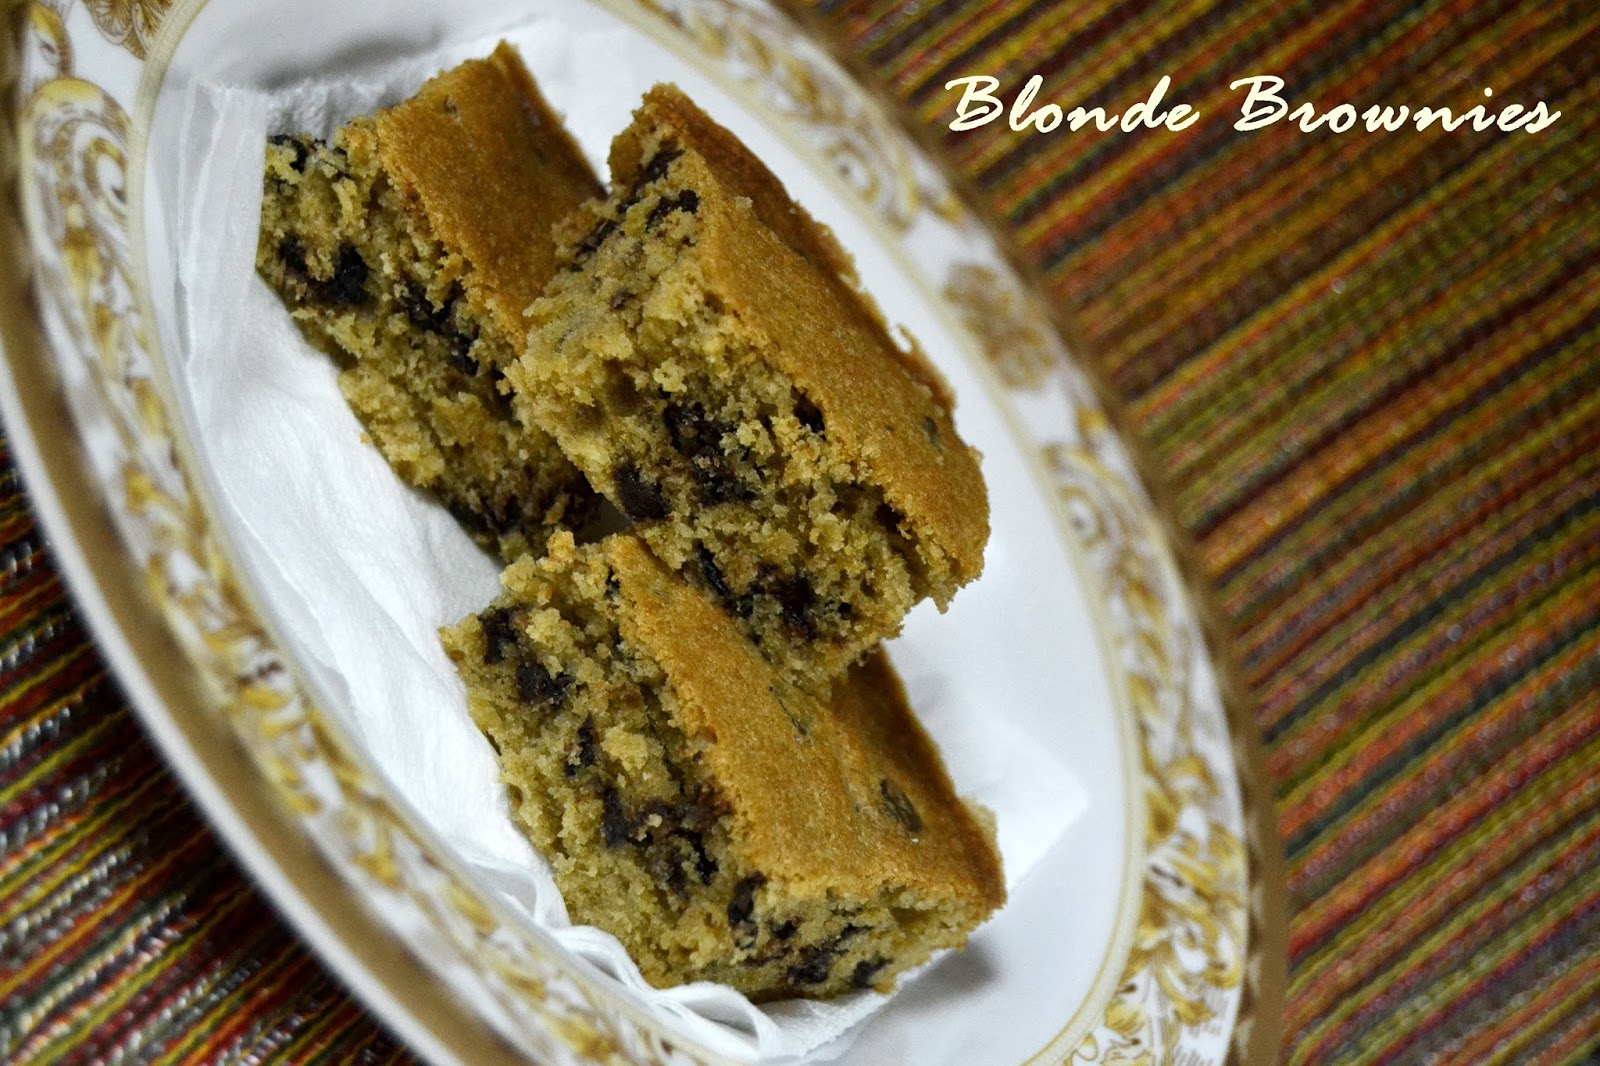 Blonde Brownies Blondies The Big Sweet Tooth